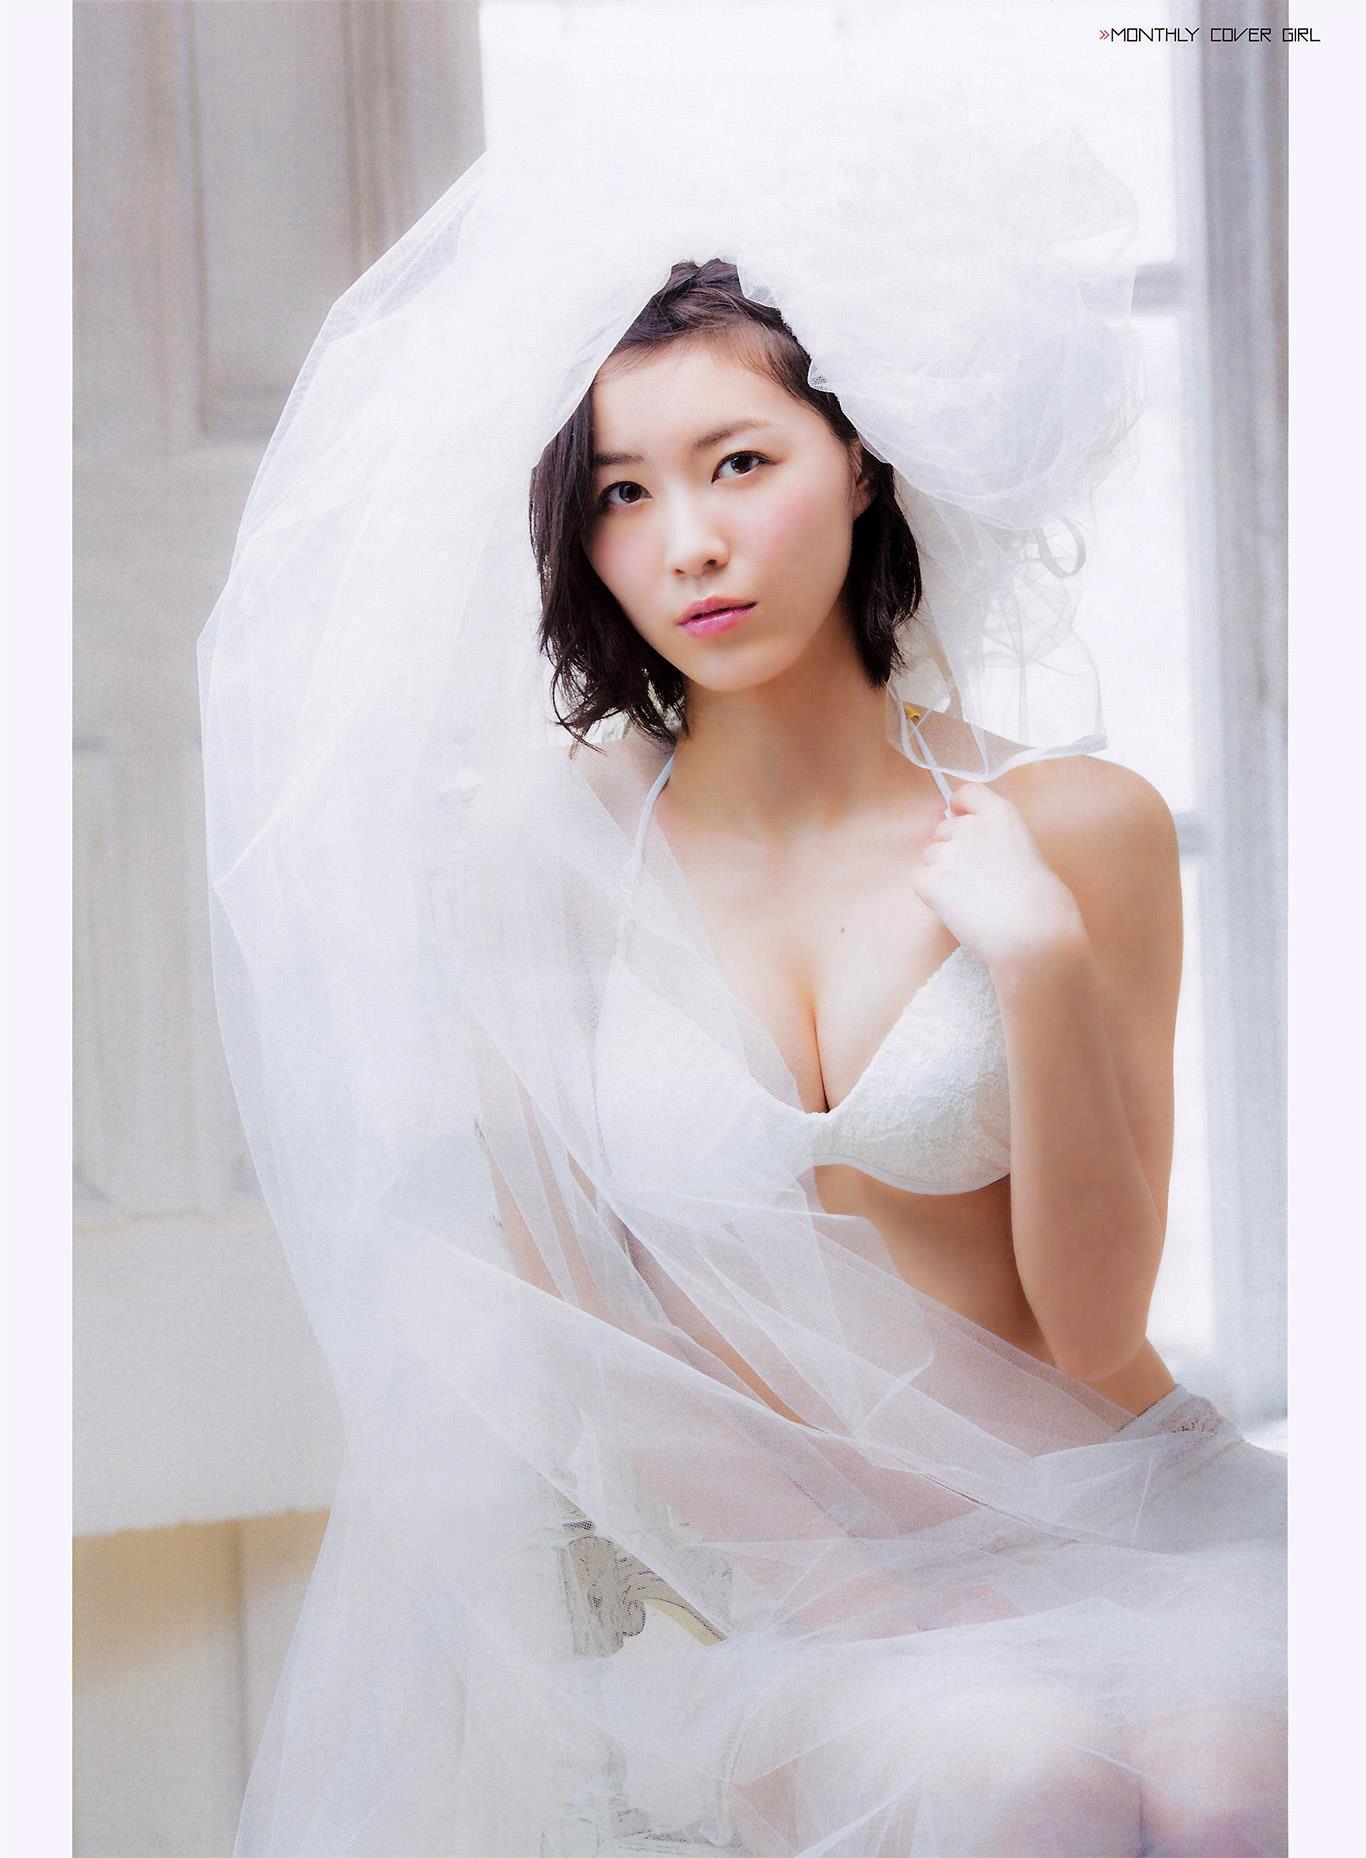 松井珠理奈の水着が高画質で観れる過激エロ画像